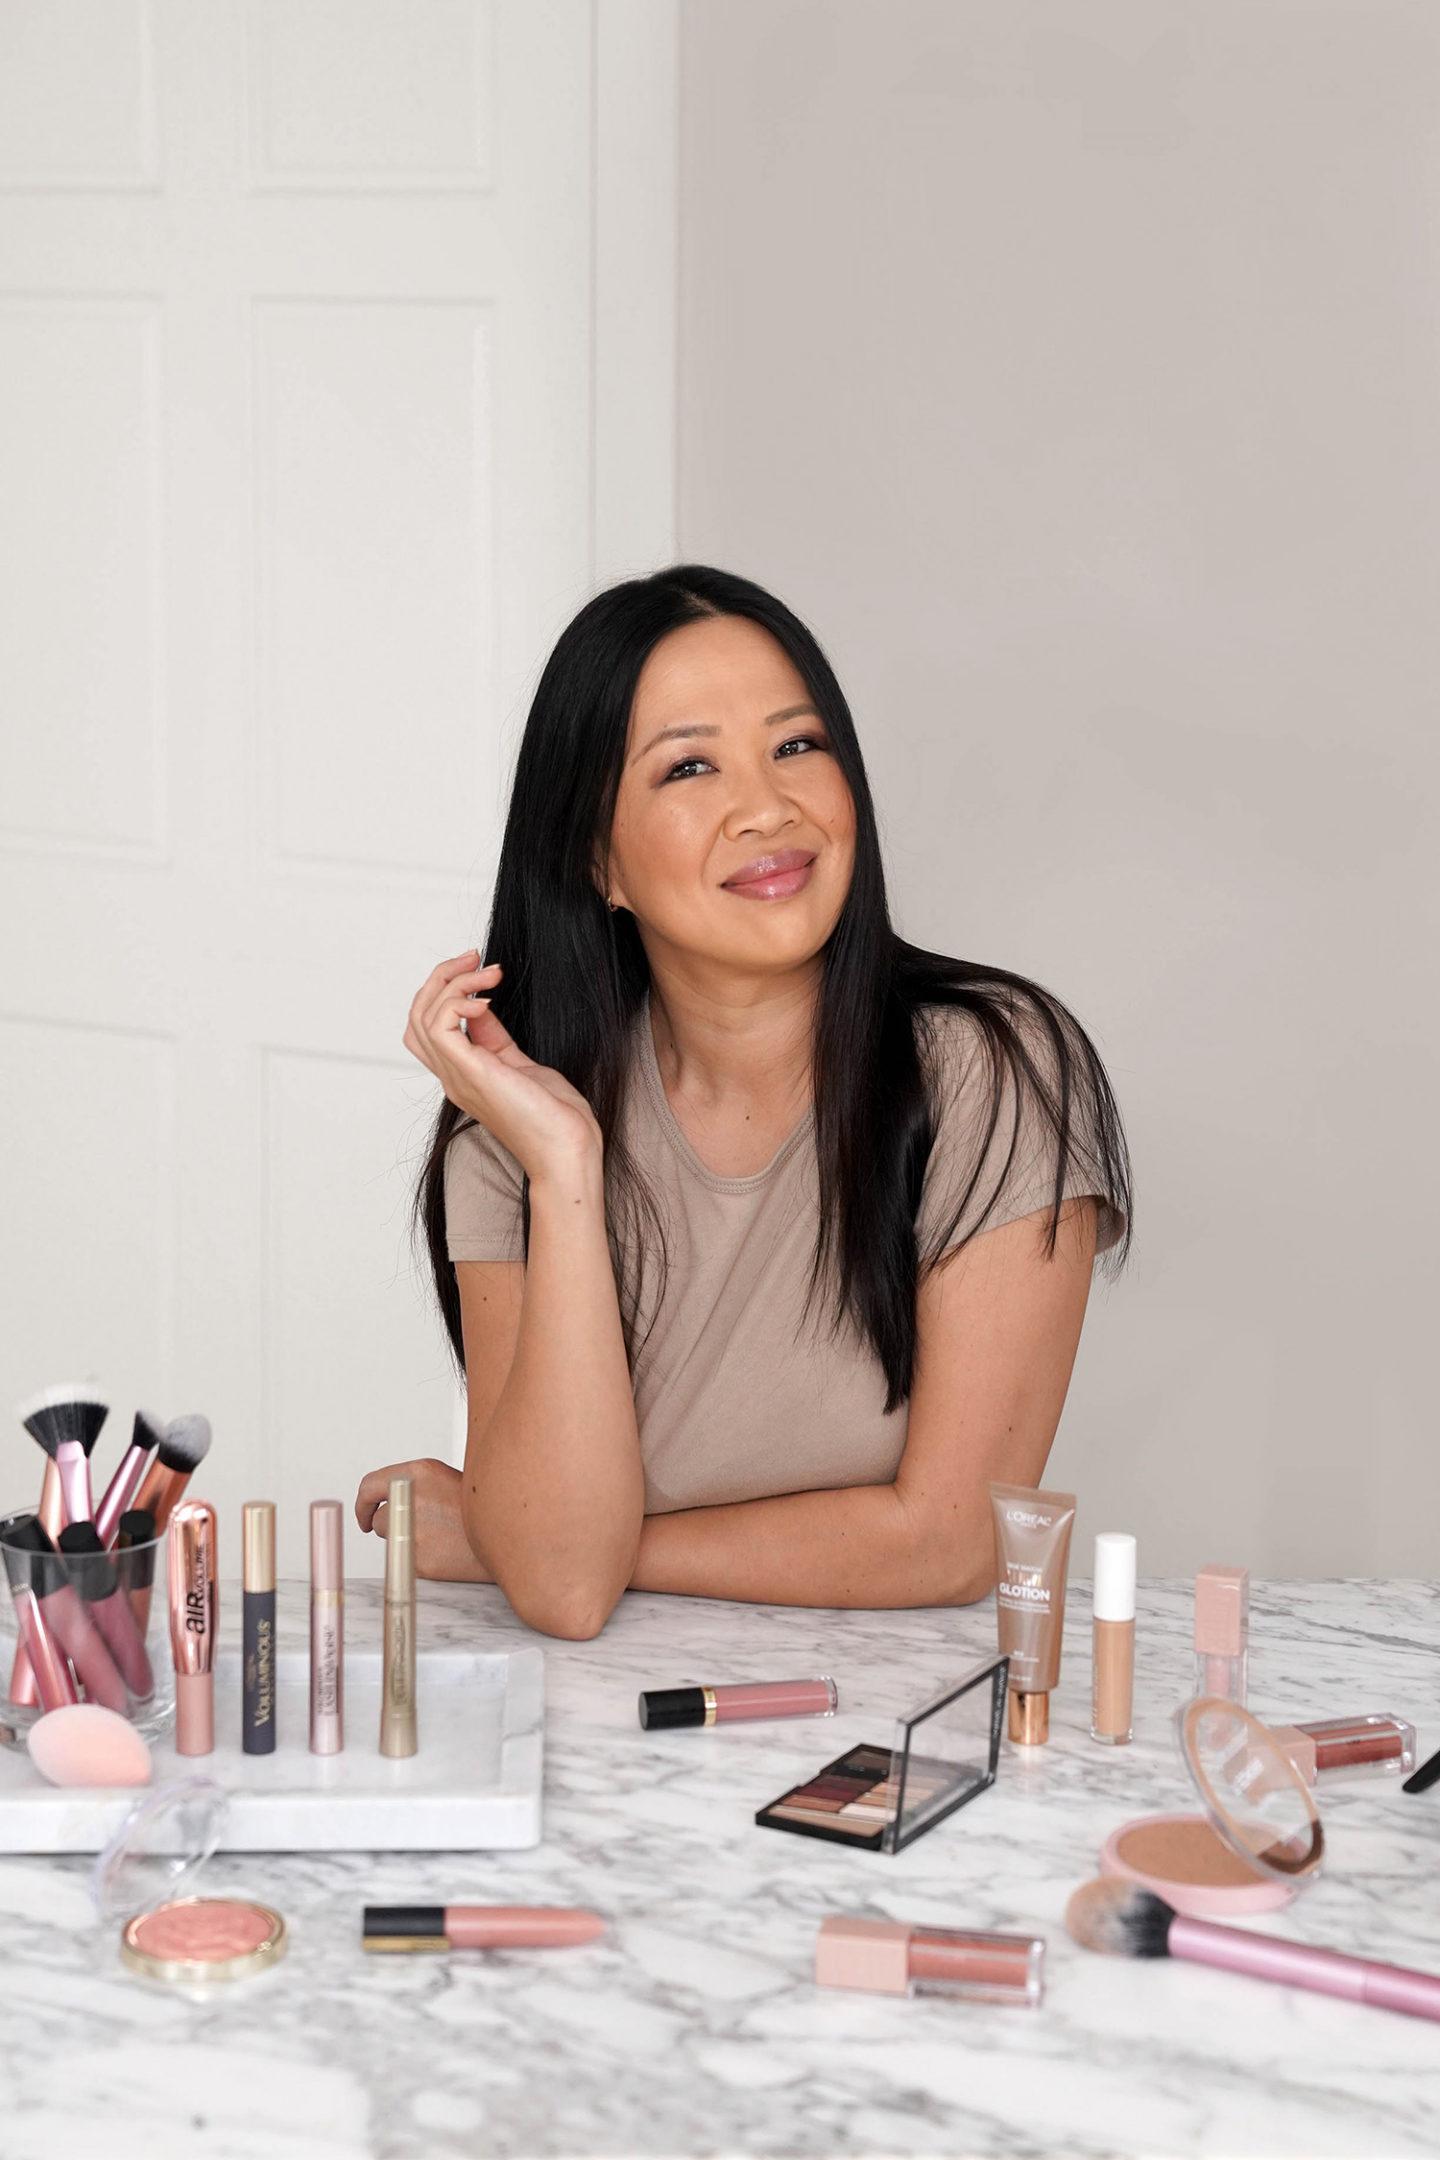 Budget Beauty Mascara Essayer sur Haul |  Le Look Book Beauté